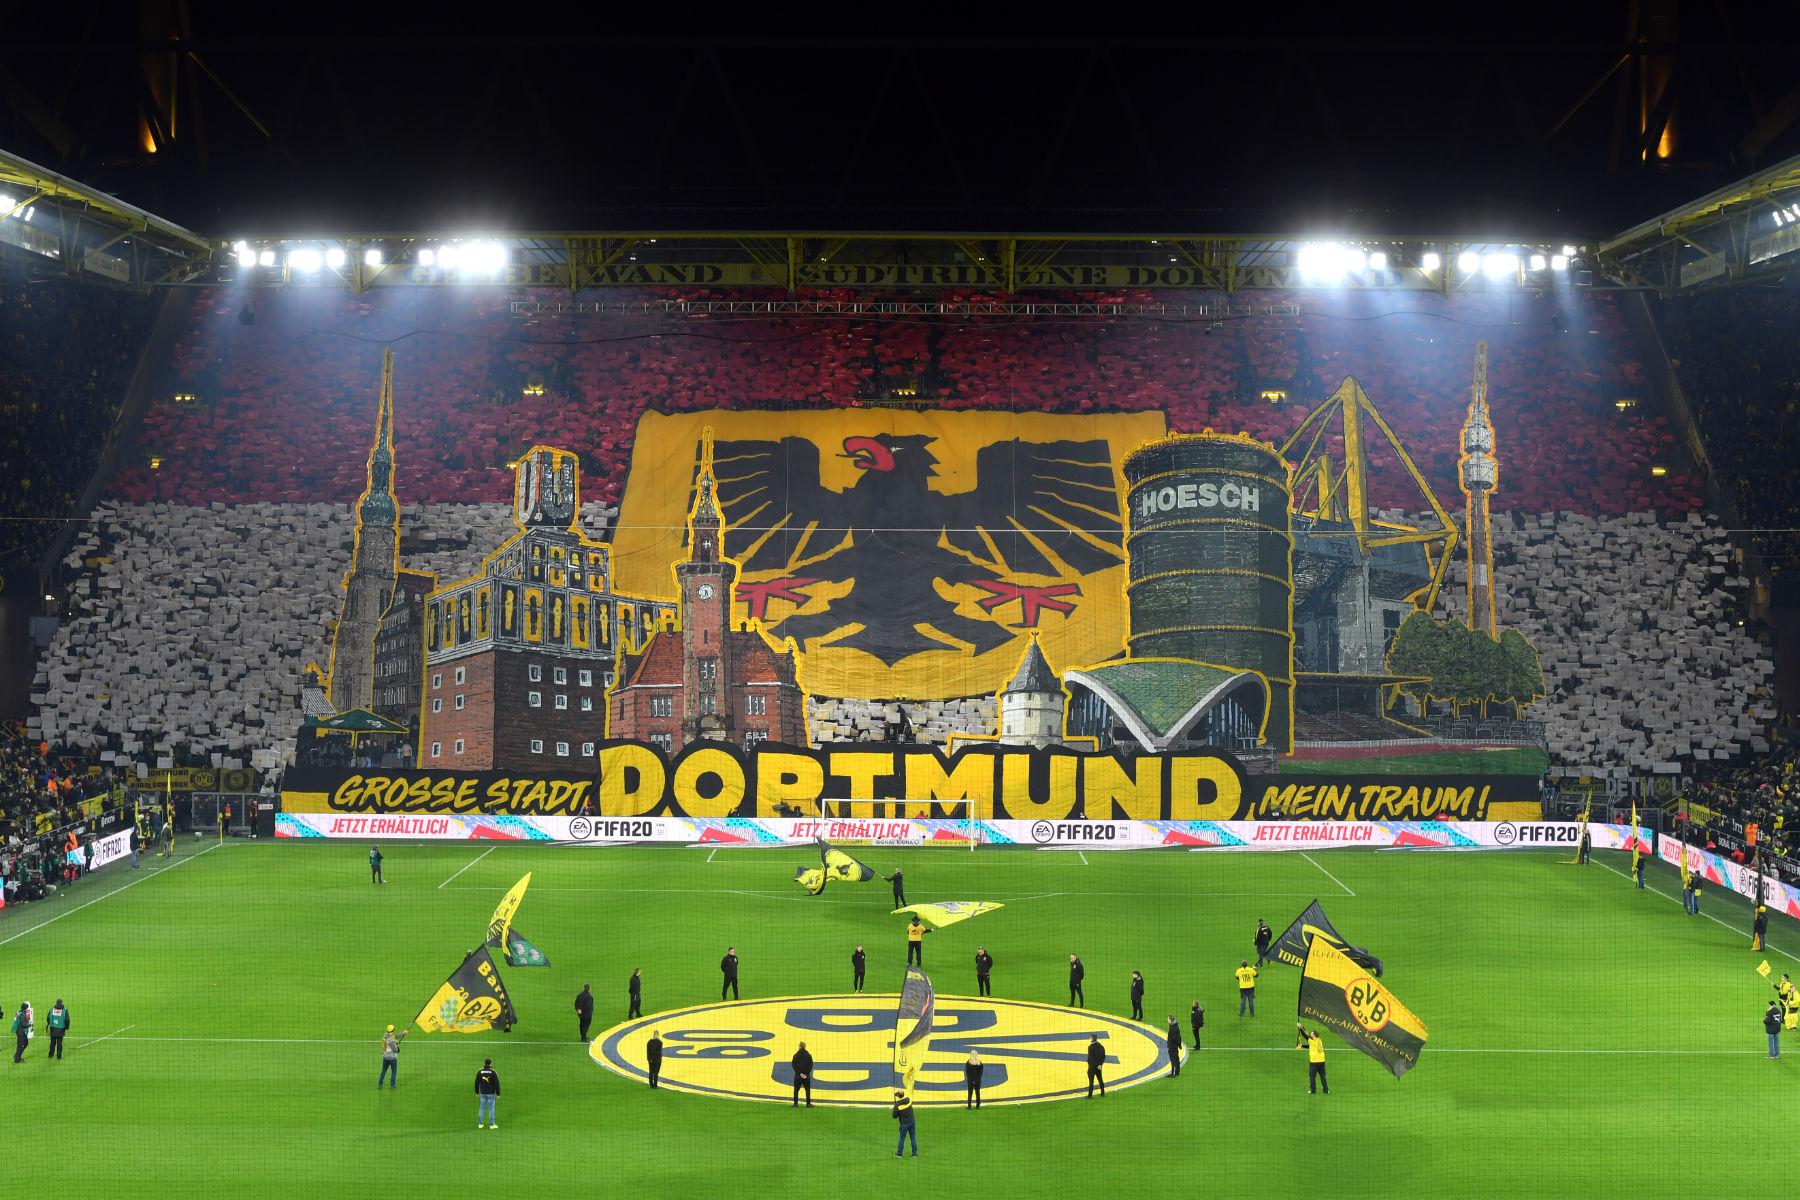 Dortmund Bremen 2020